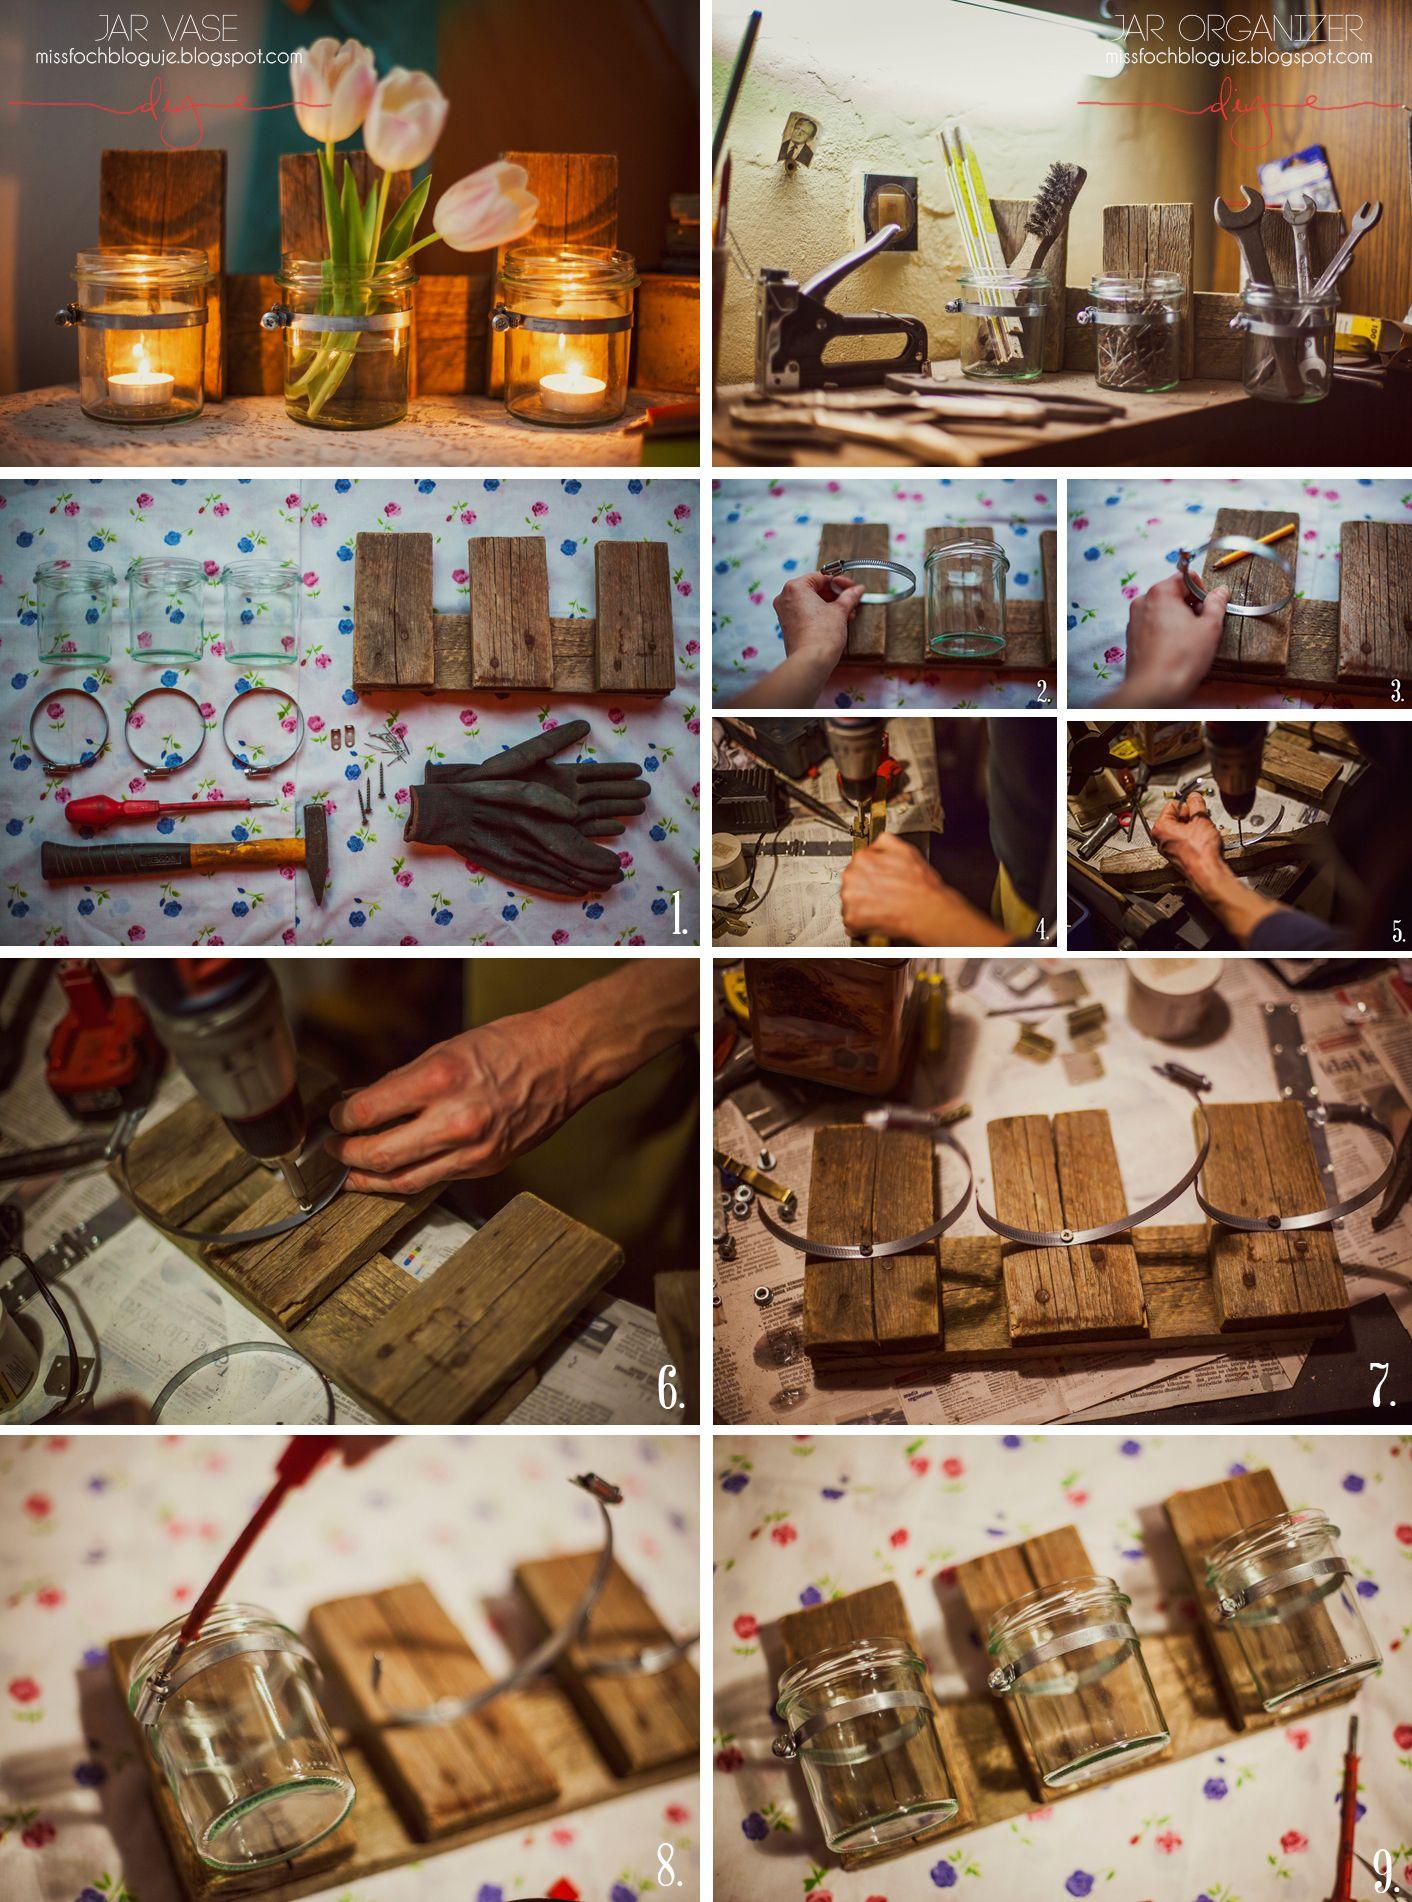 Mason Jar Vase  www.missfochbloguje.blogspot.com  handmade diy ideas organiser desk office home